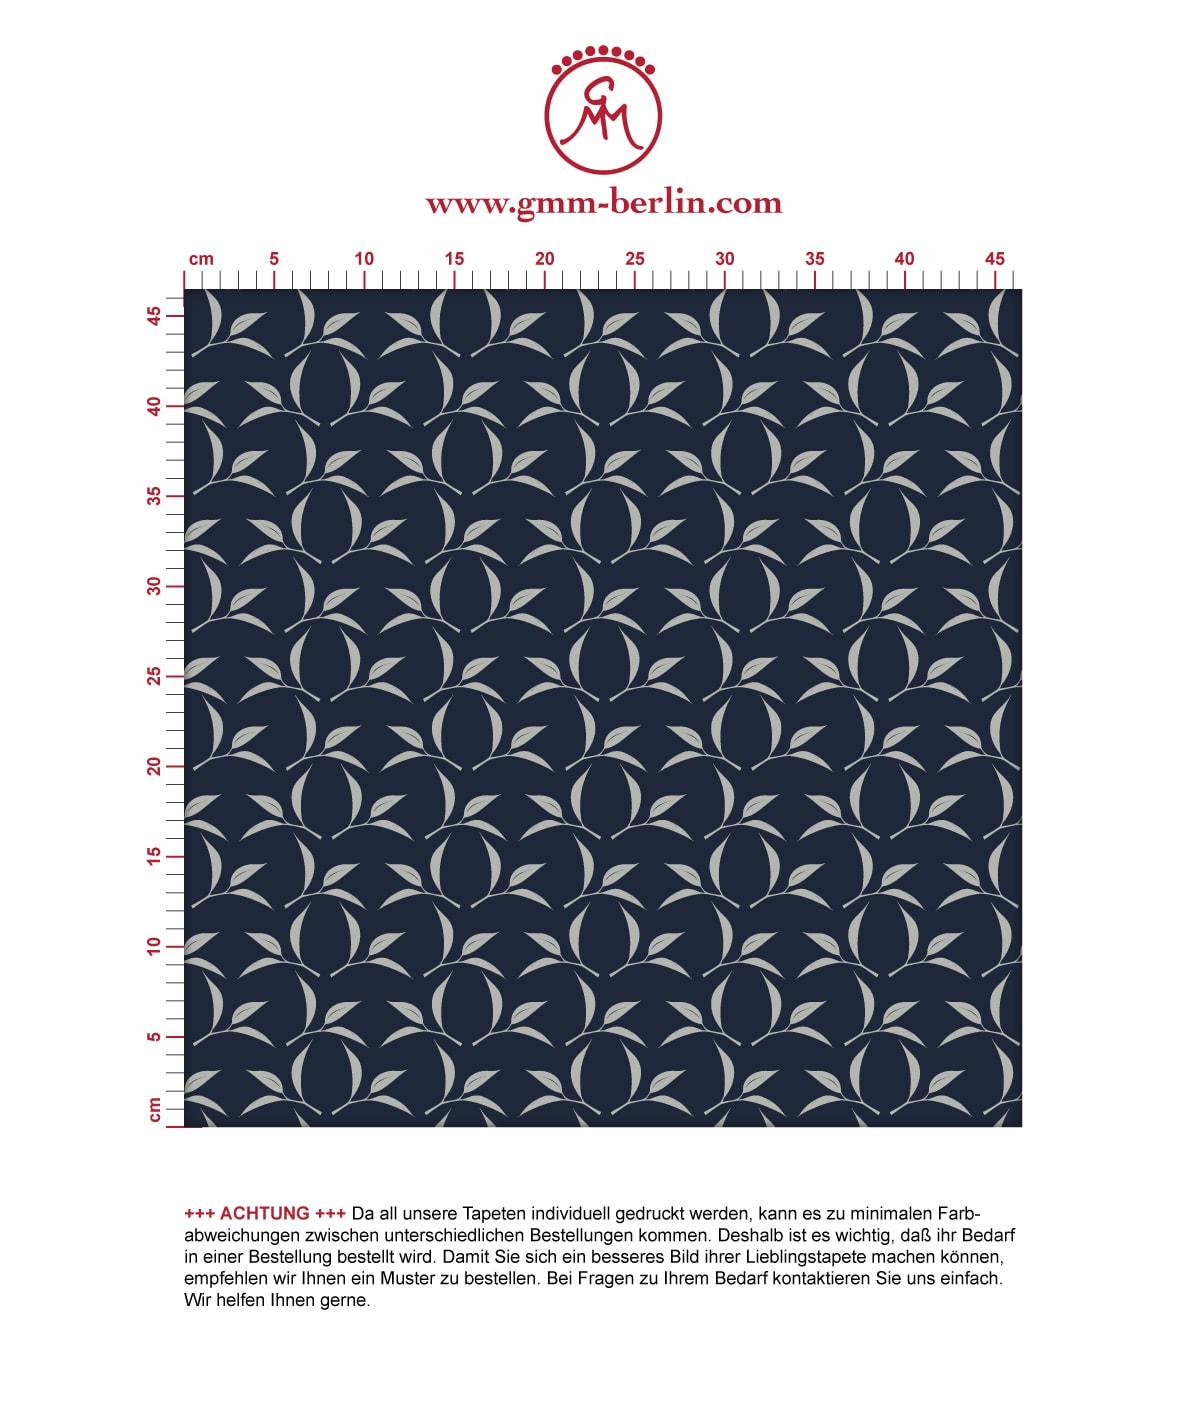 Dunkelblaue Ornamenttapete Tea Time mit Tee Blättern, Design Tapete als Wandgestaltung. Aus dem GMM-BERLIN.com Sortiment: Schöne Tapeten in der Farbe: dunkel blau